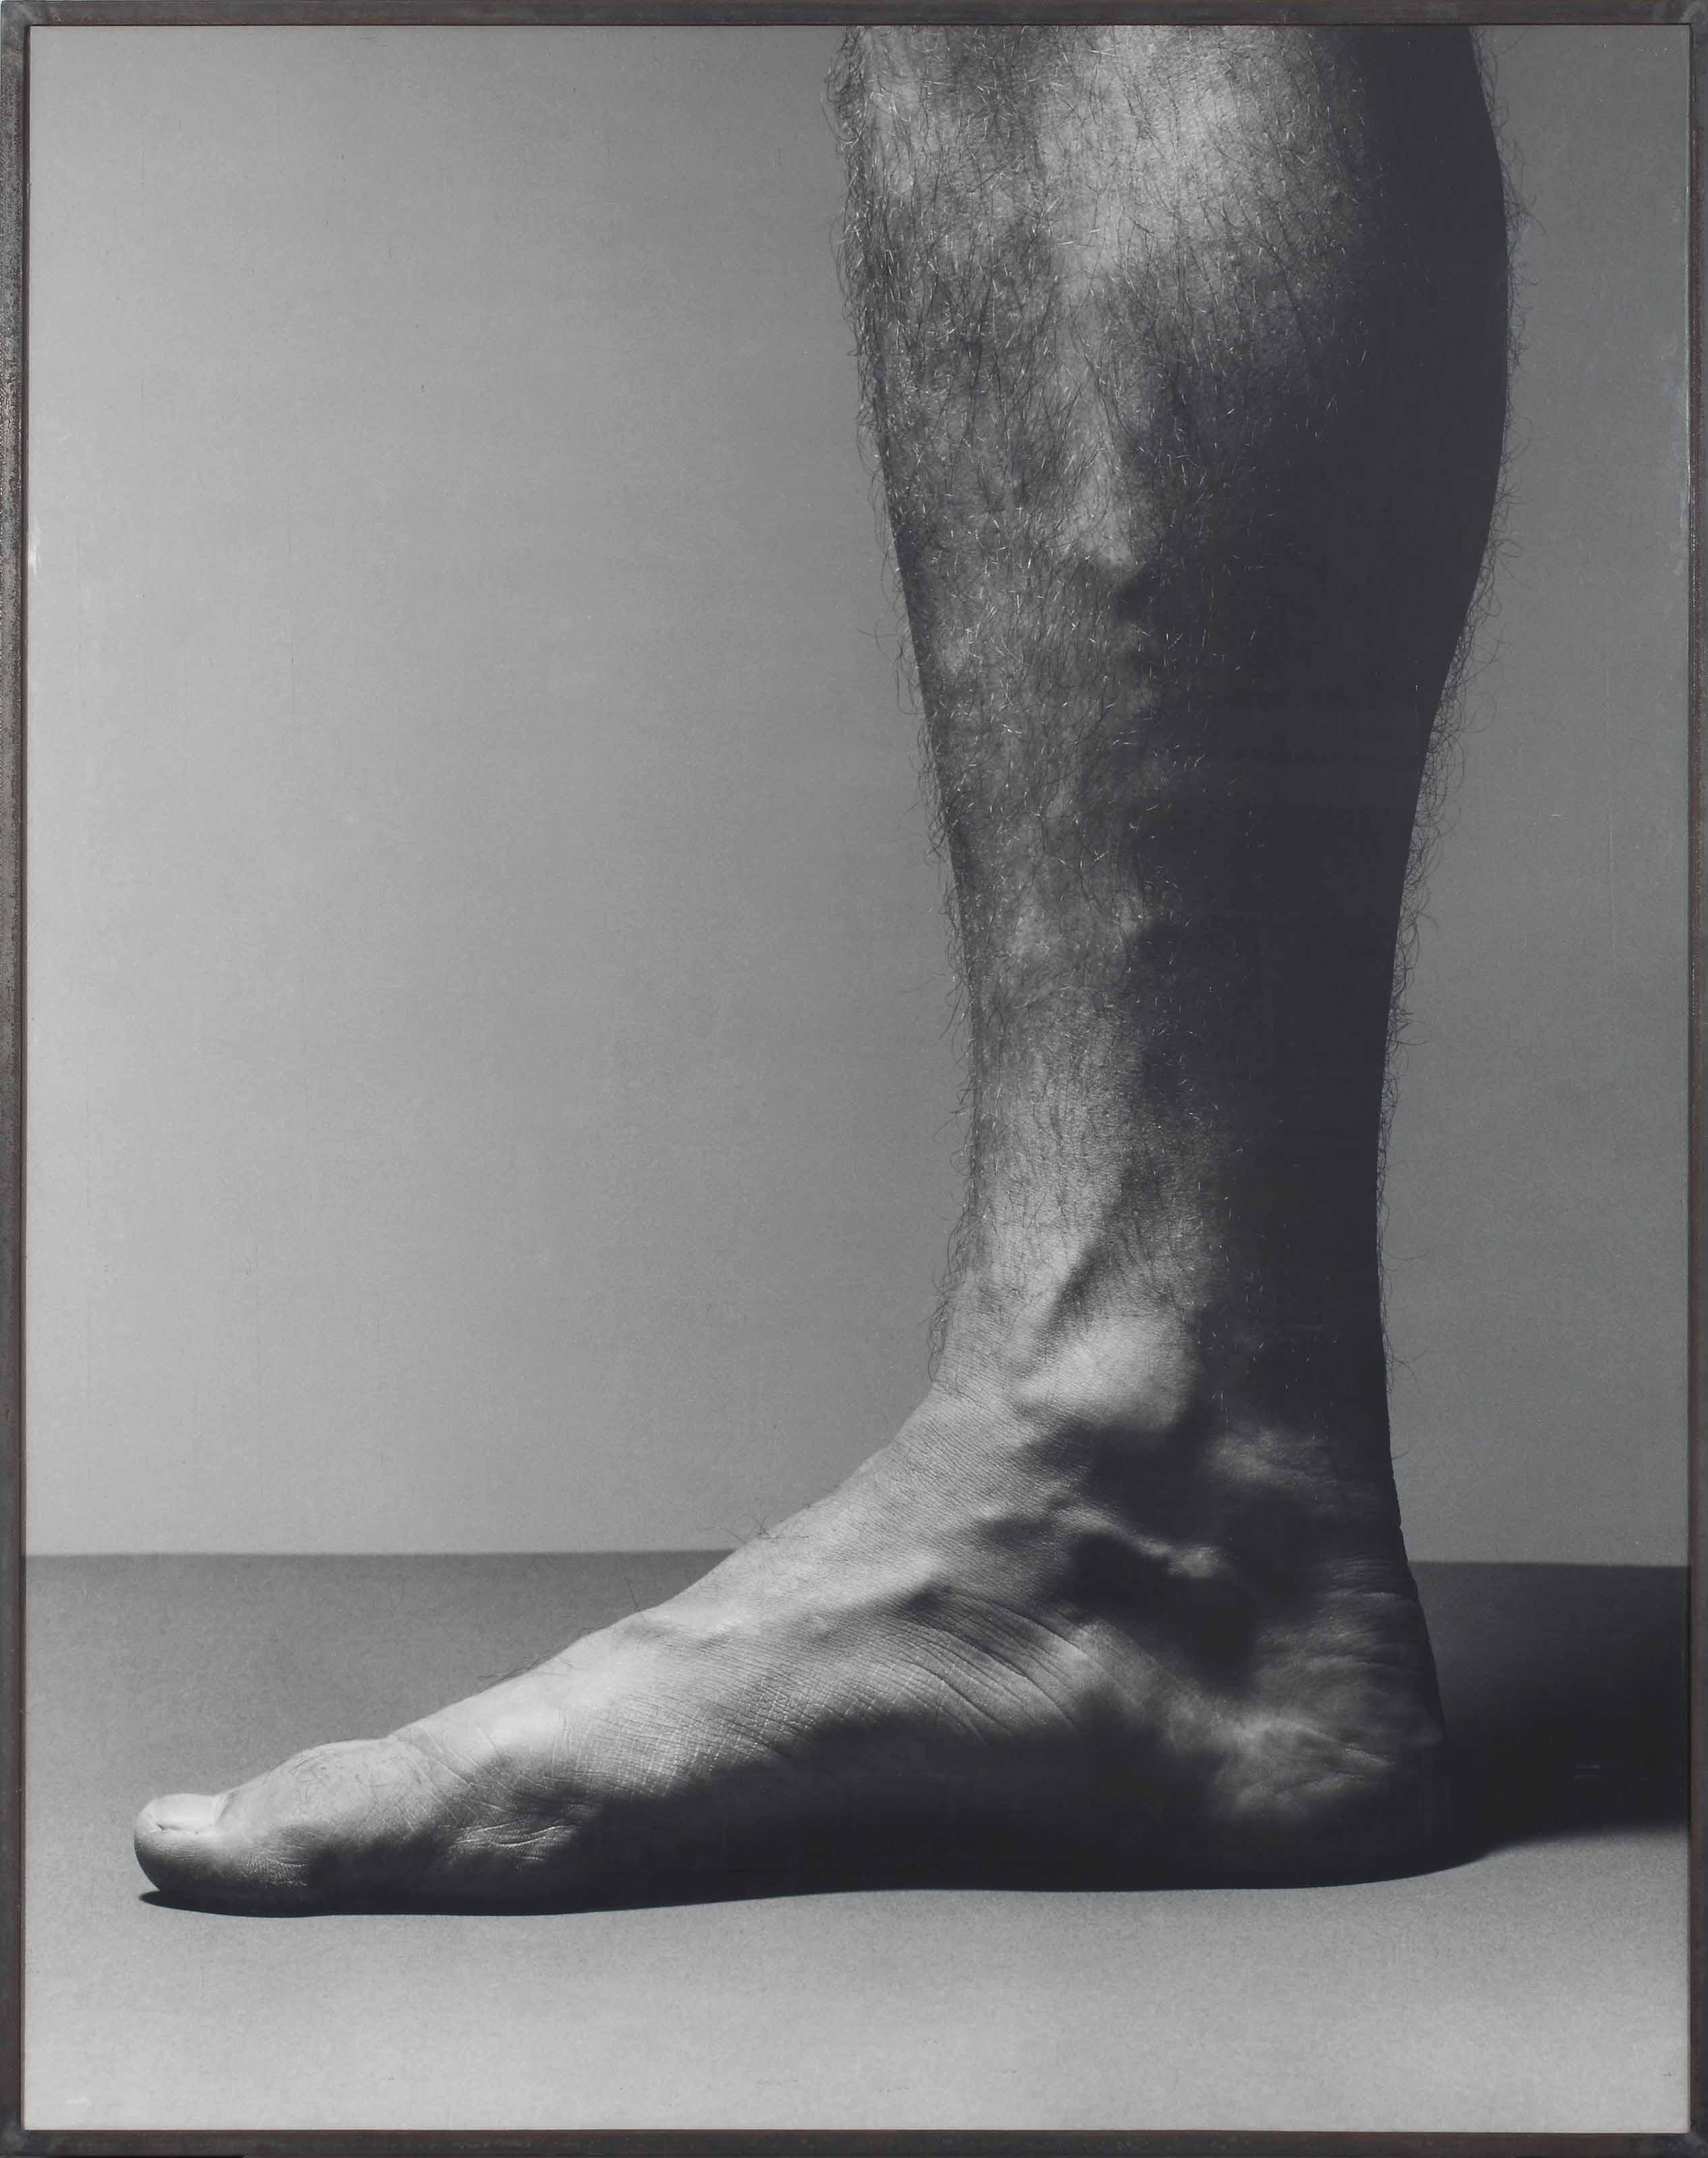 Fuss II/Pied II (Foot II)